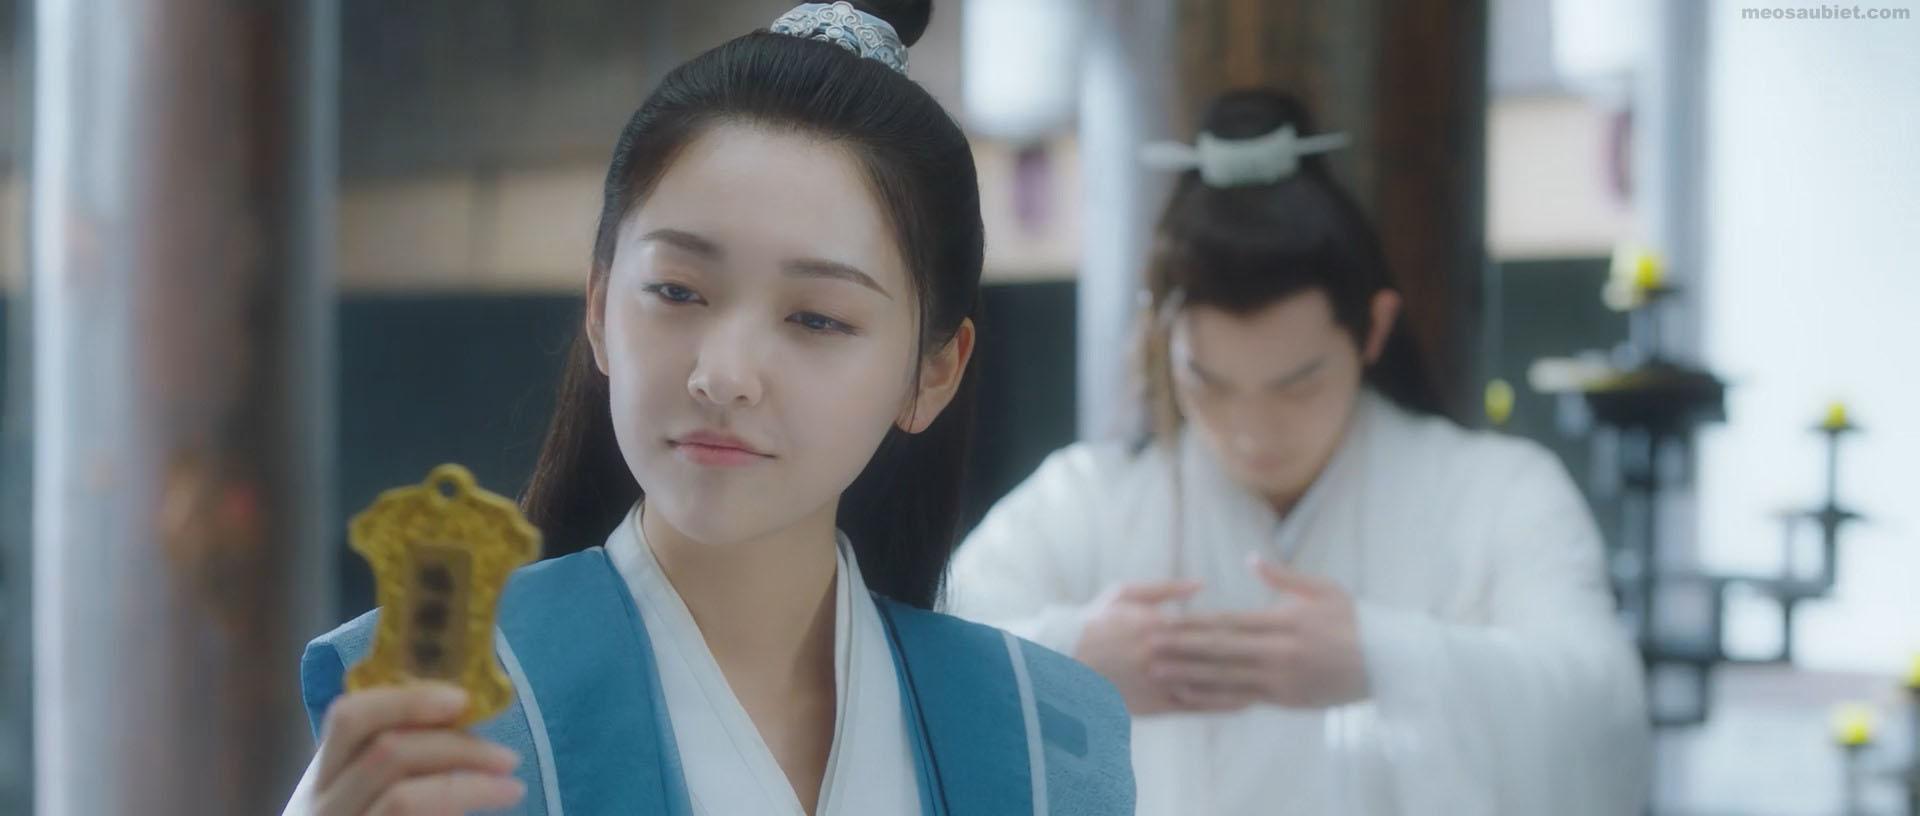 Thiếu chủ đi chậm thôi 2020 Trần Hạo Lam trong vai Hà Nhược Dao